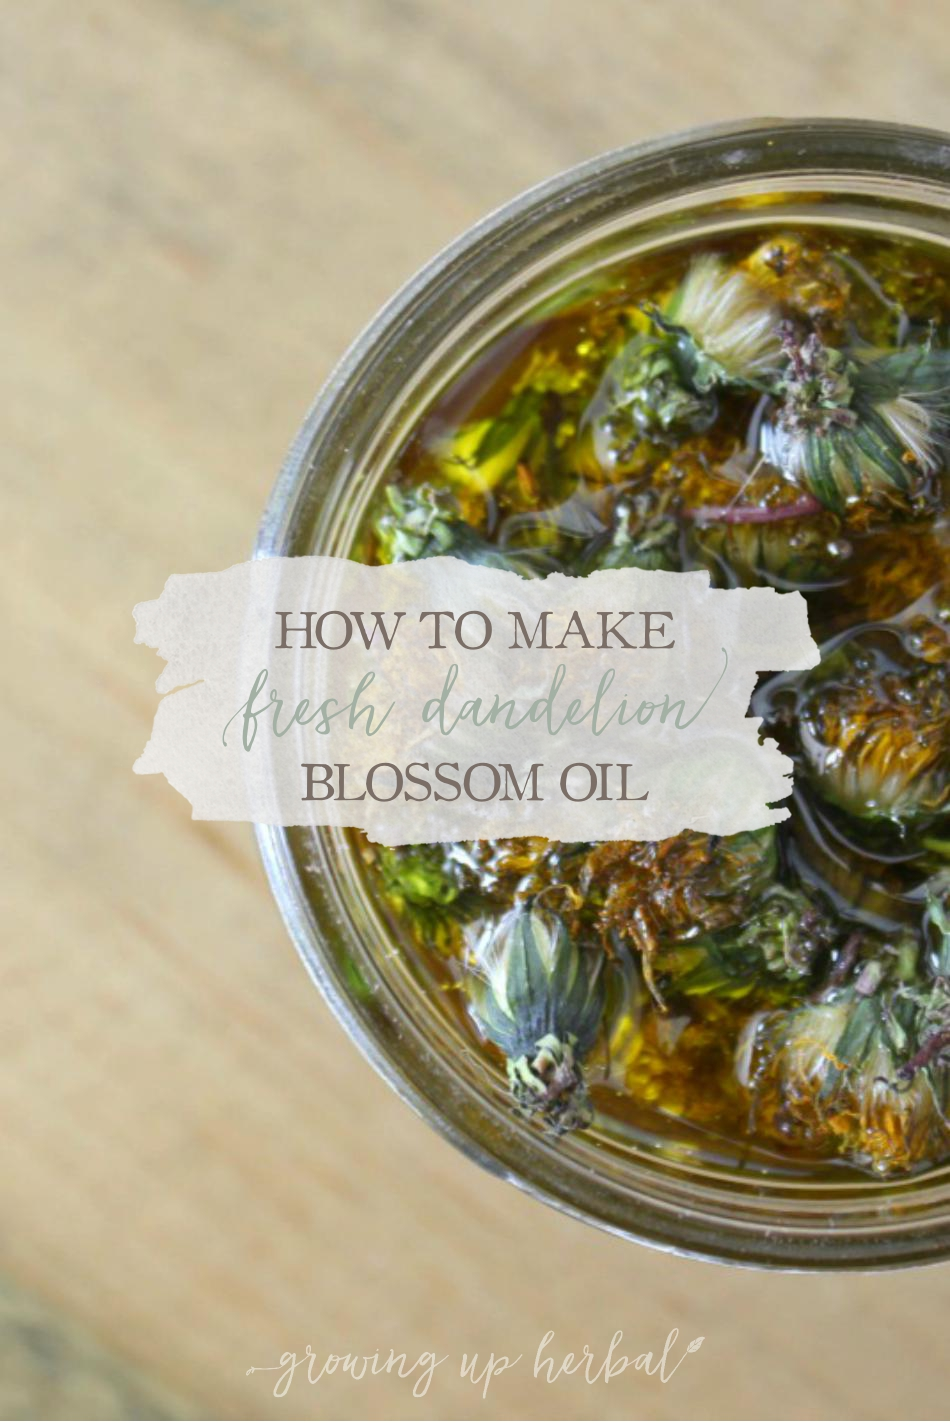 How To Make Fresh Dandelion Blossom Oil